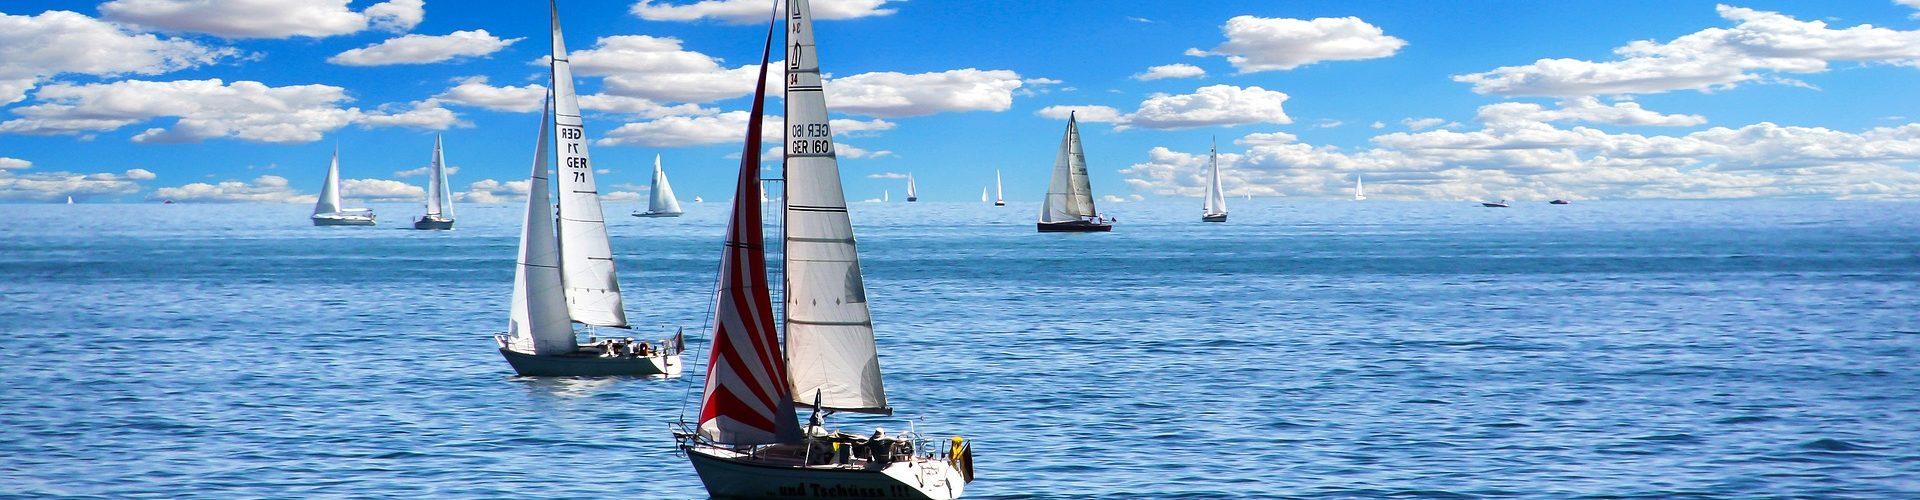 segeln lernen in Waghäusel segelschein machen in Waghäusel 1920x500 - Segeln lernen in Waghäusel